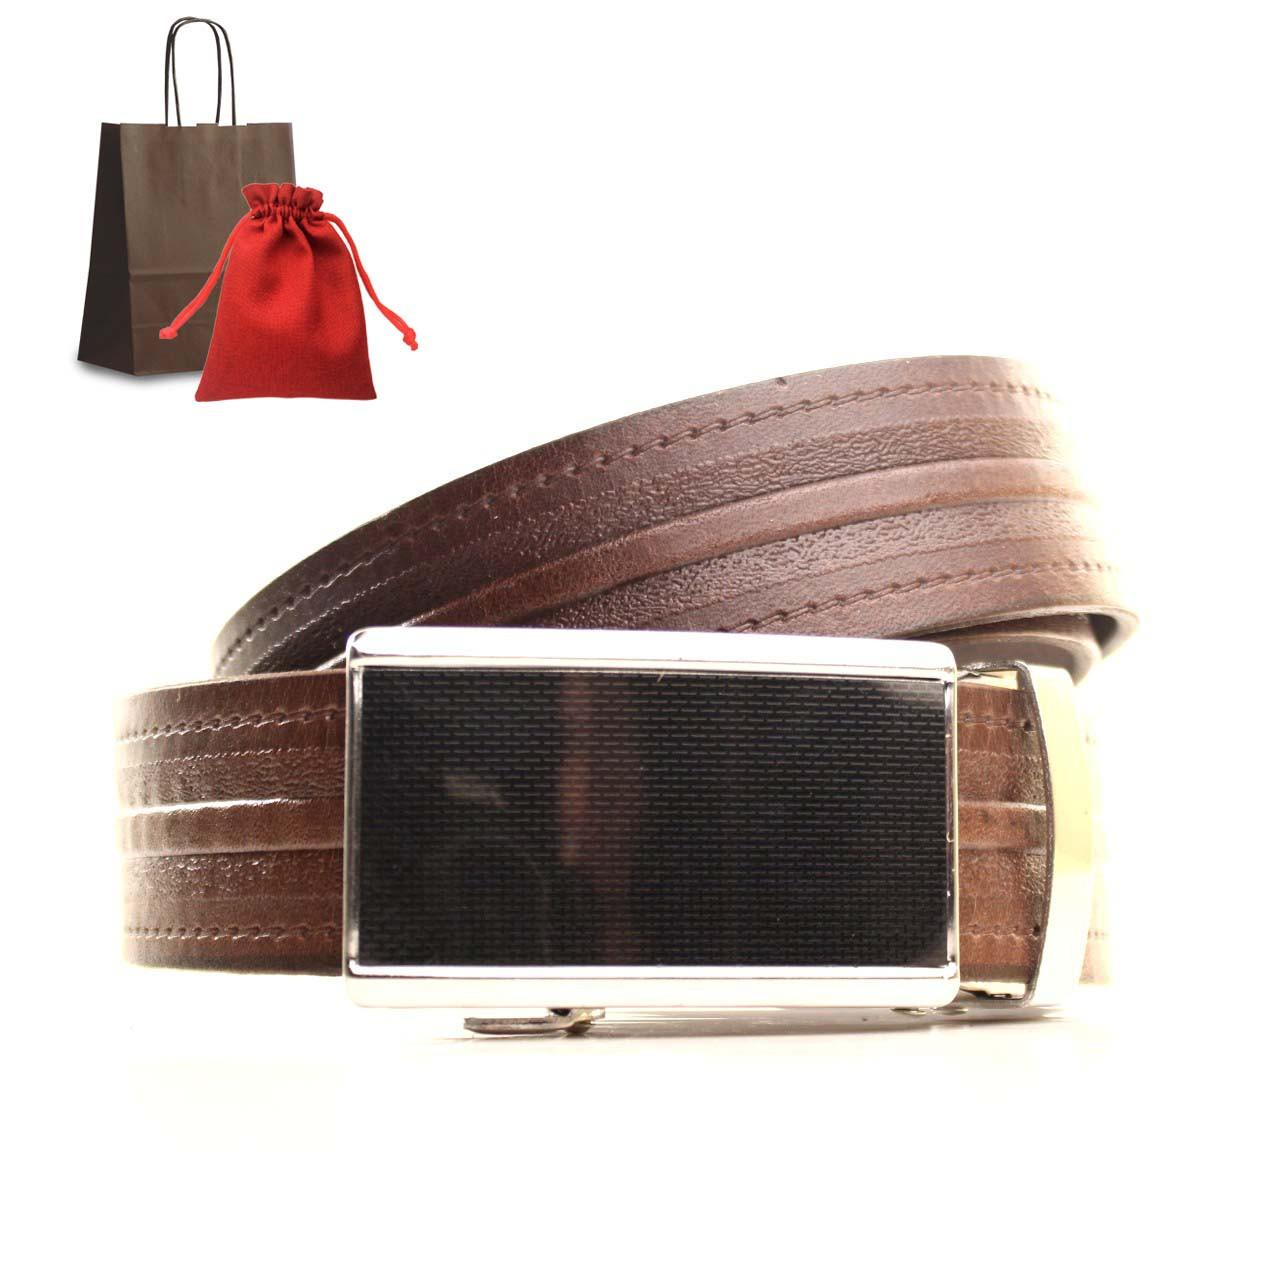 Ремень кожаный Lazar 120-125 см коричневый L35U1A72-M